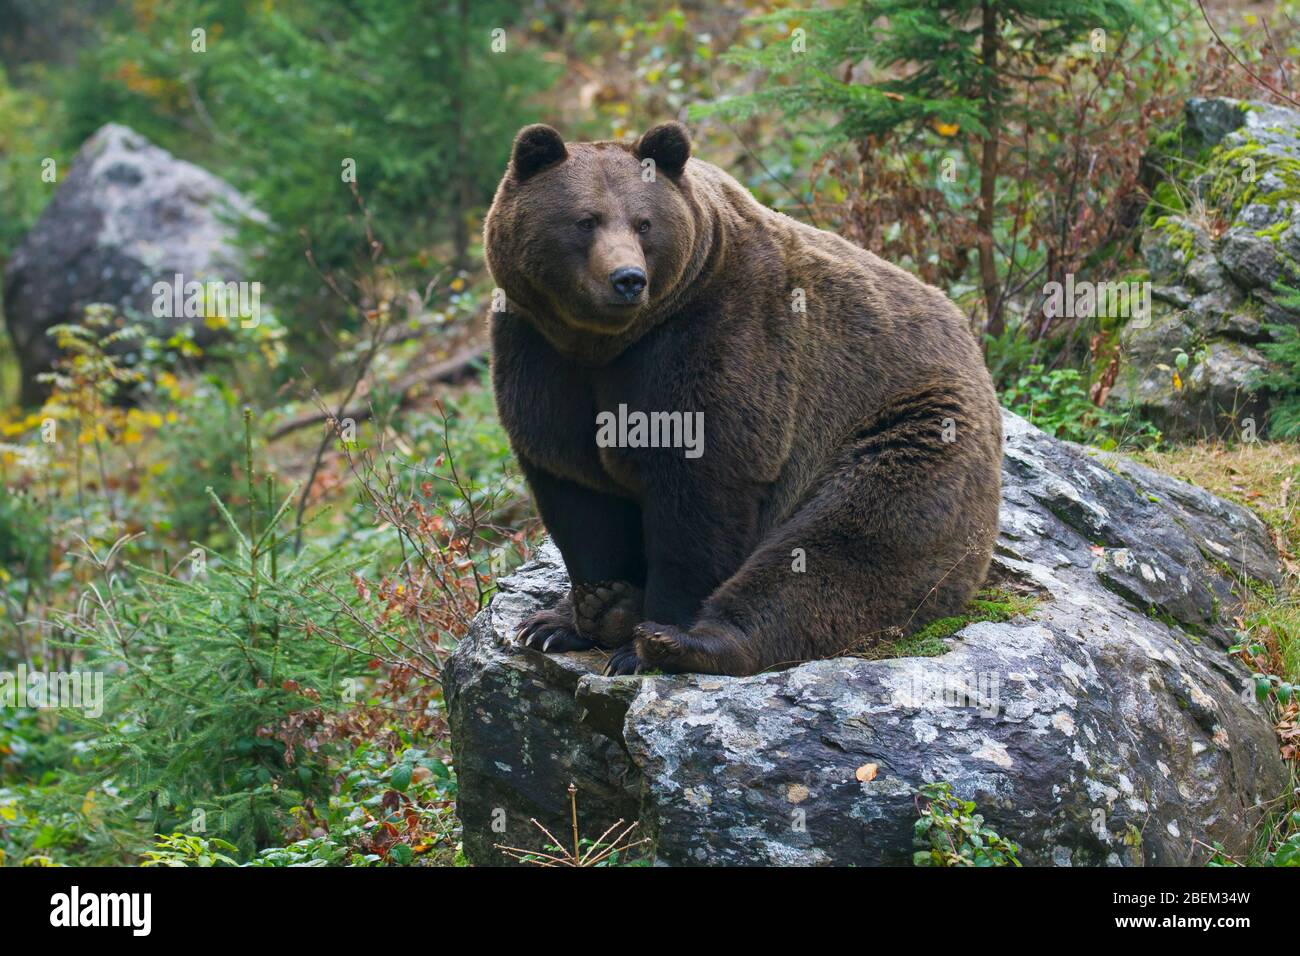 European brown bear (Ursus arctos arctos) at the Tierfreigelände, animal park in the Bavarian Forest National Park, Neuschönau, Lower Bavaria, Germany Stock Photo